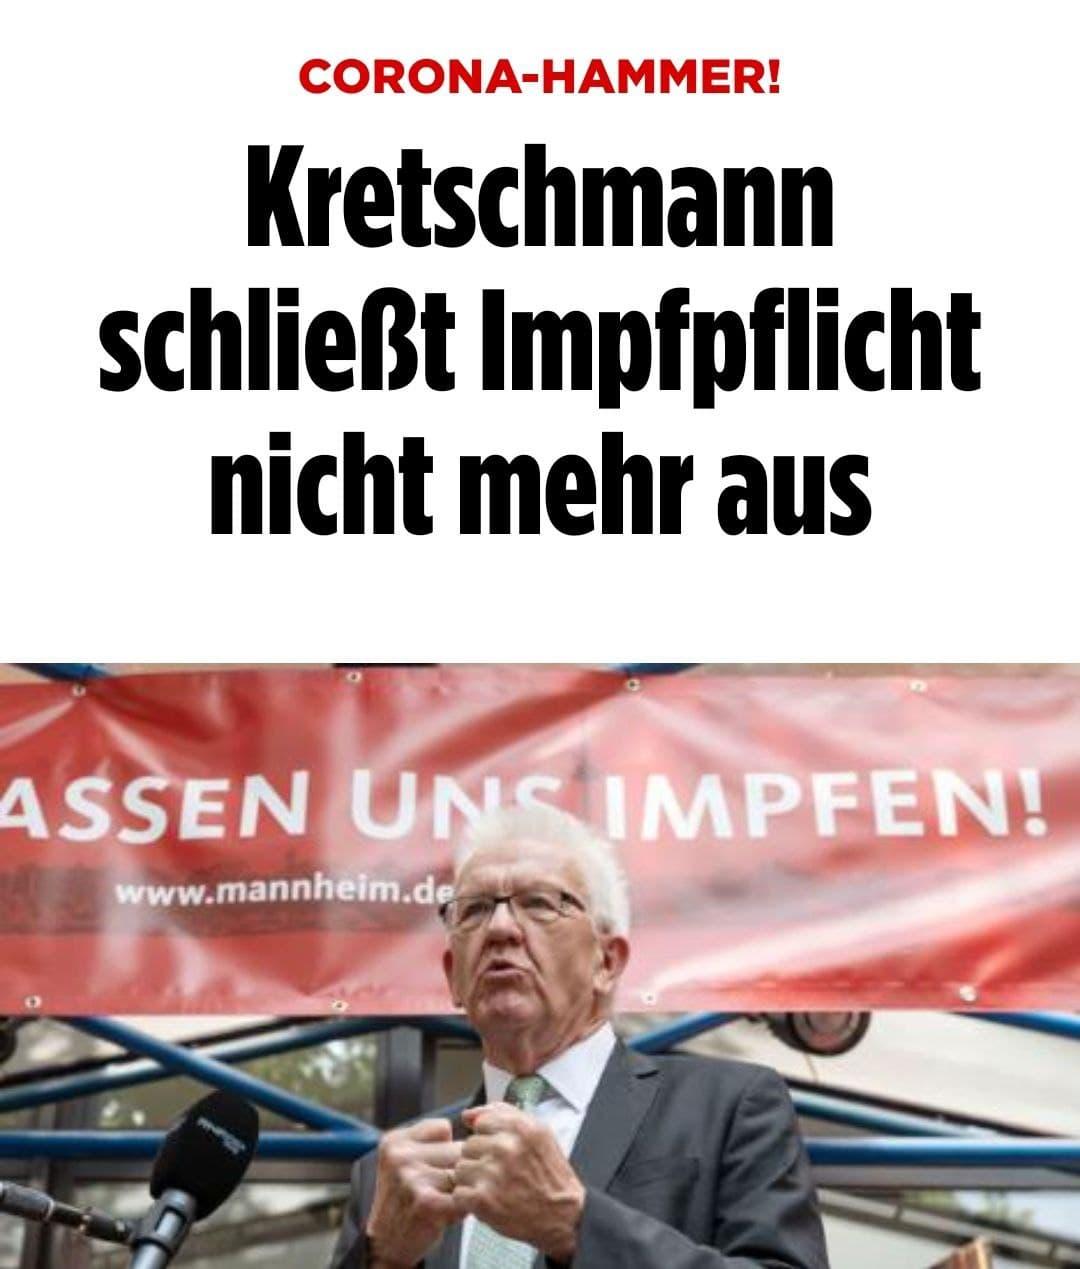 Kretschmann schließt Impfpflicht nicht mehr aus - Bild (https://twitter.com/BILD/status/1419201860230131715?s=19)